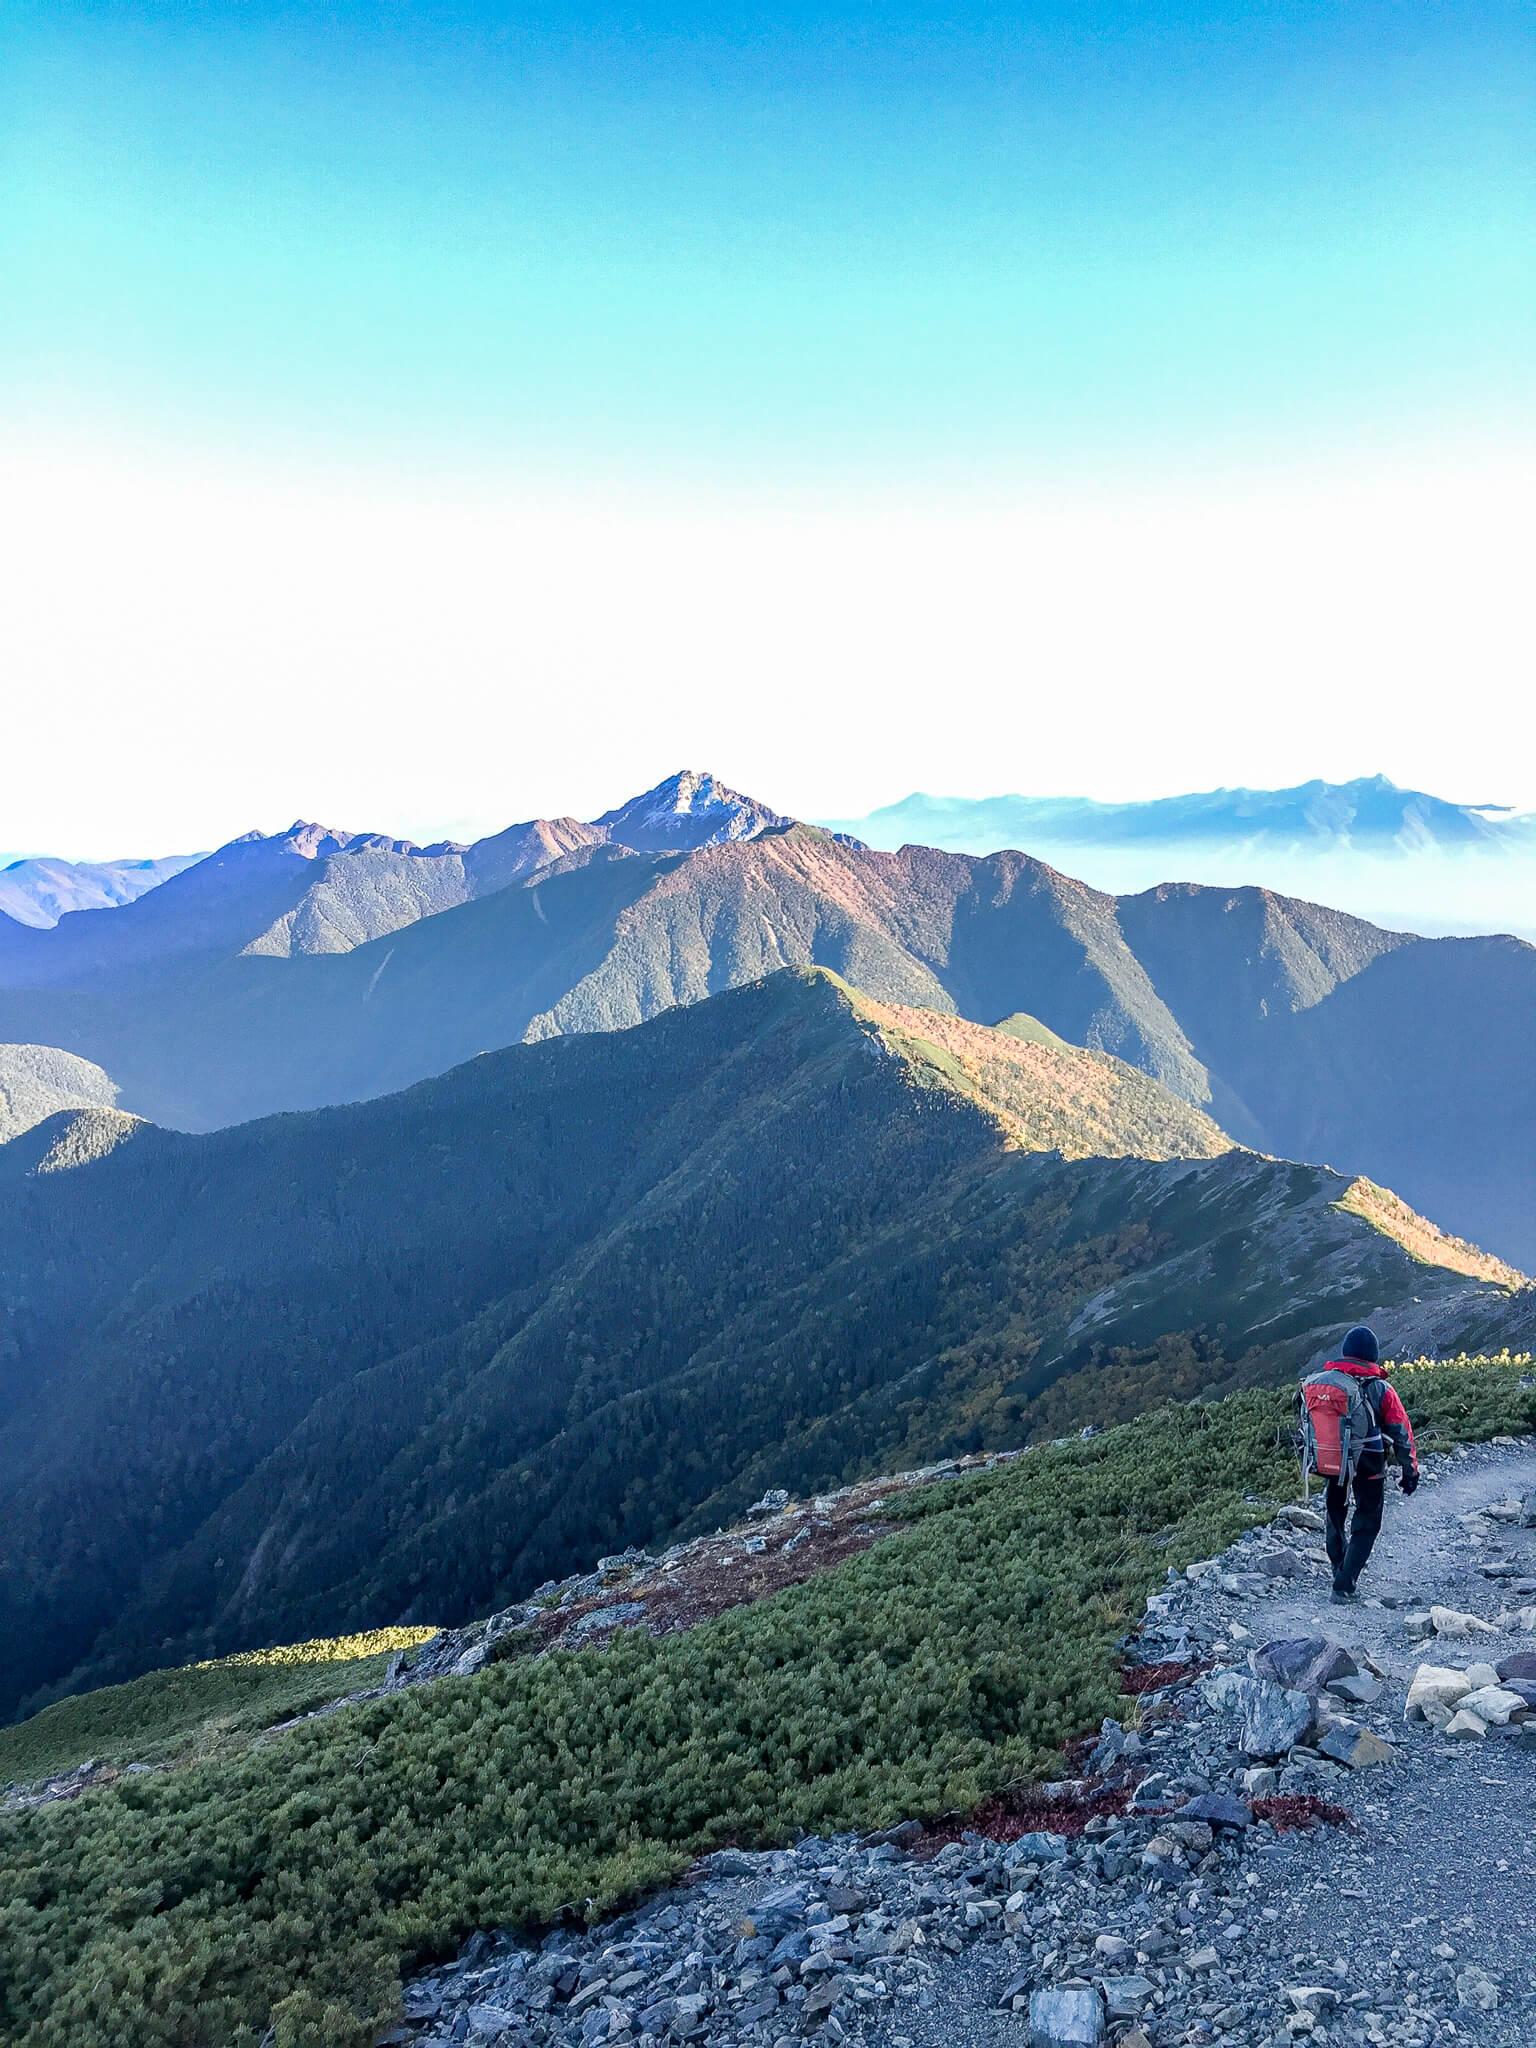 北岳・白根御池小屋に向かう道から見える甲斐駒ケ岳